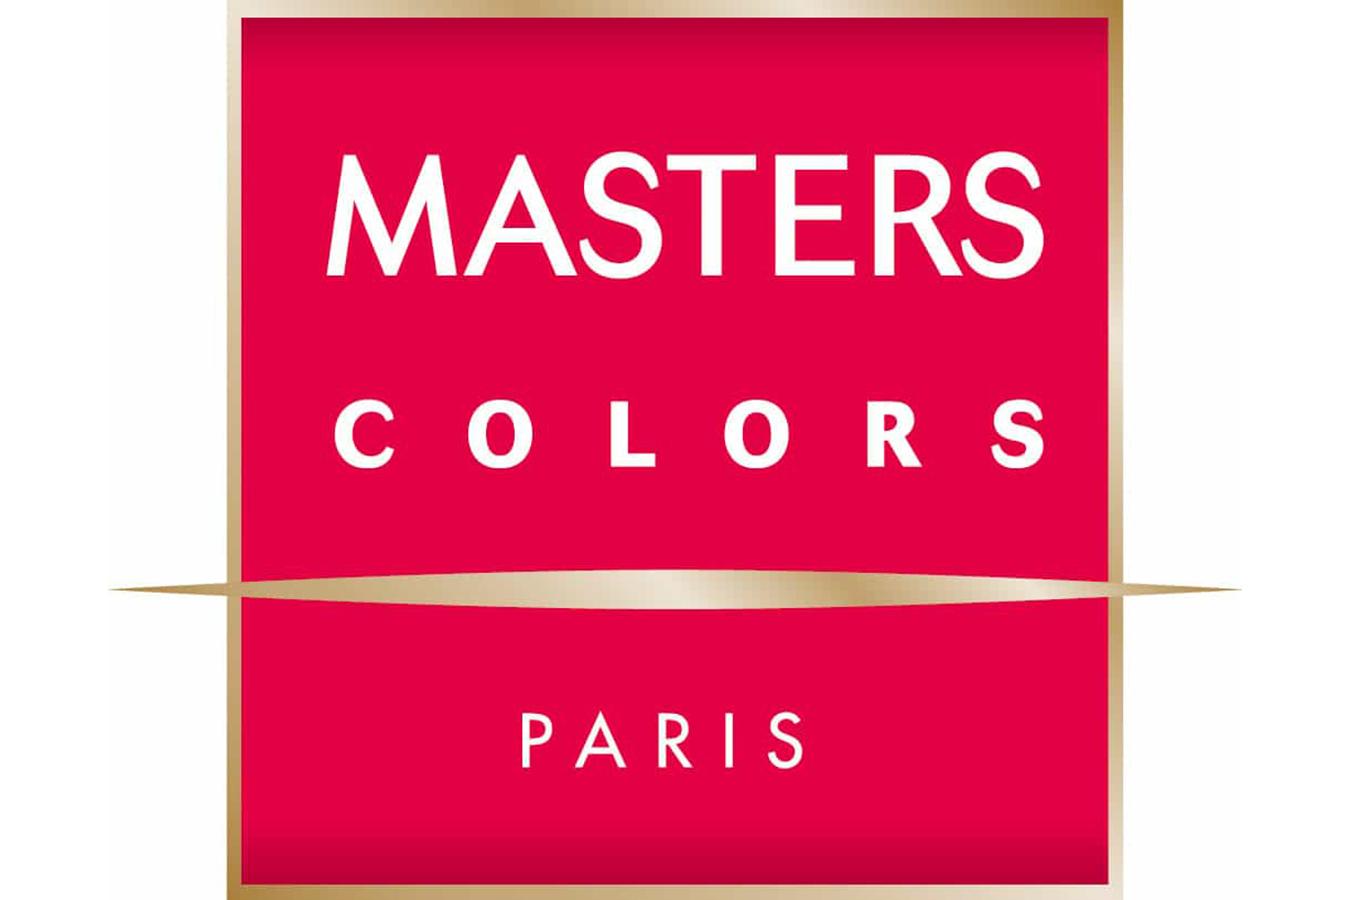 studio di doppiaggio: Sincrodub è una società di doppiaggio con sede a Bologna. Masters Colors Paris